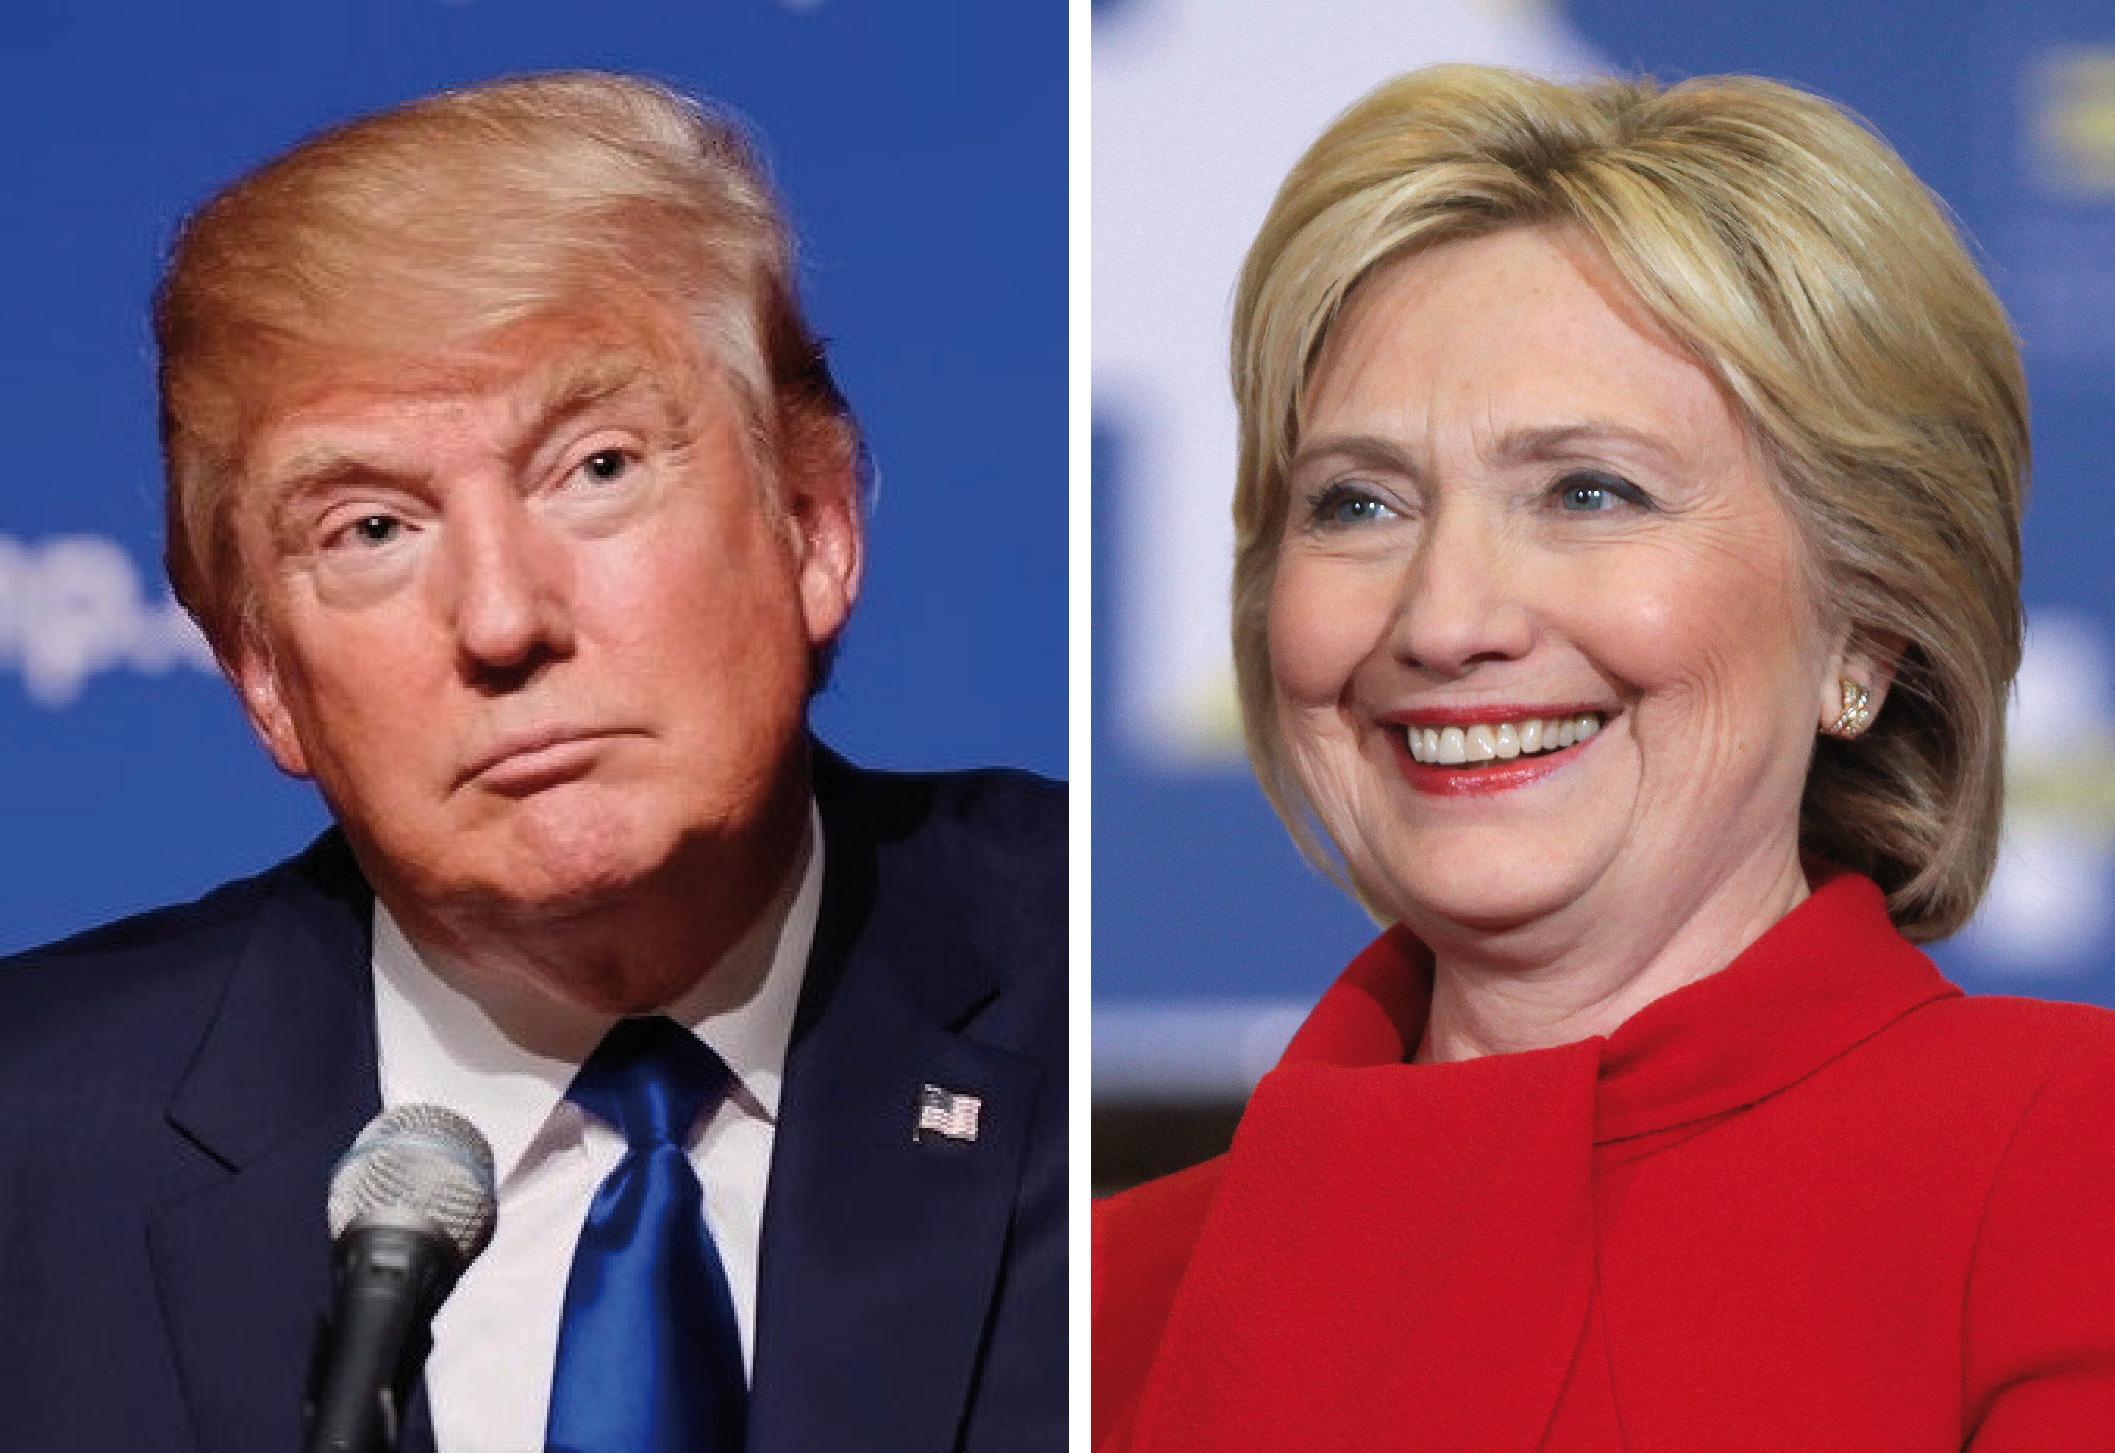 Pour les médias américains, Hillary Clinton sort victorieuse de ce deuxième débat, marqué par les coups bas et l'étalage d'affaires privées.